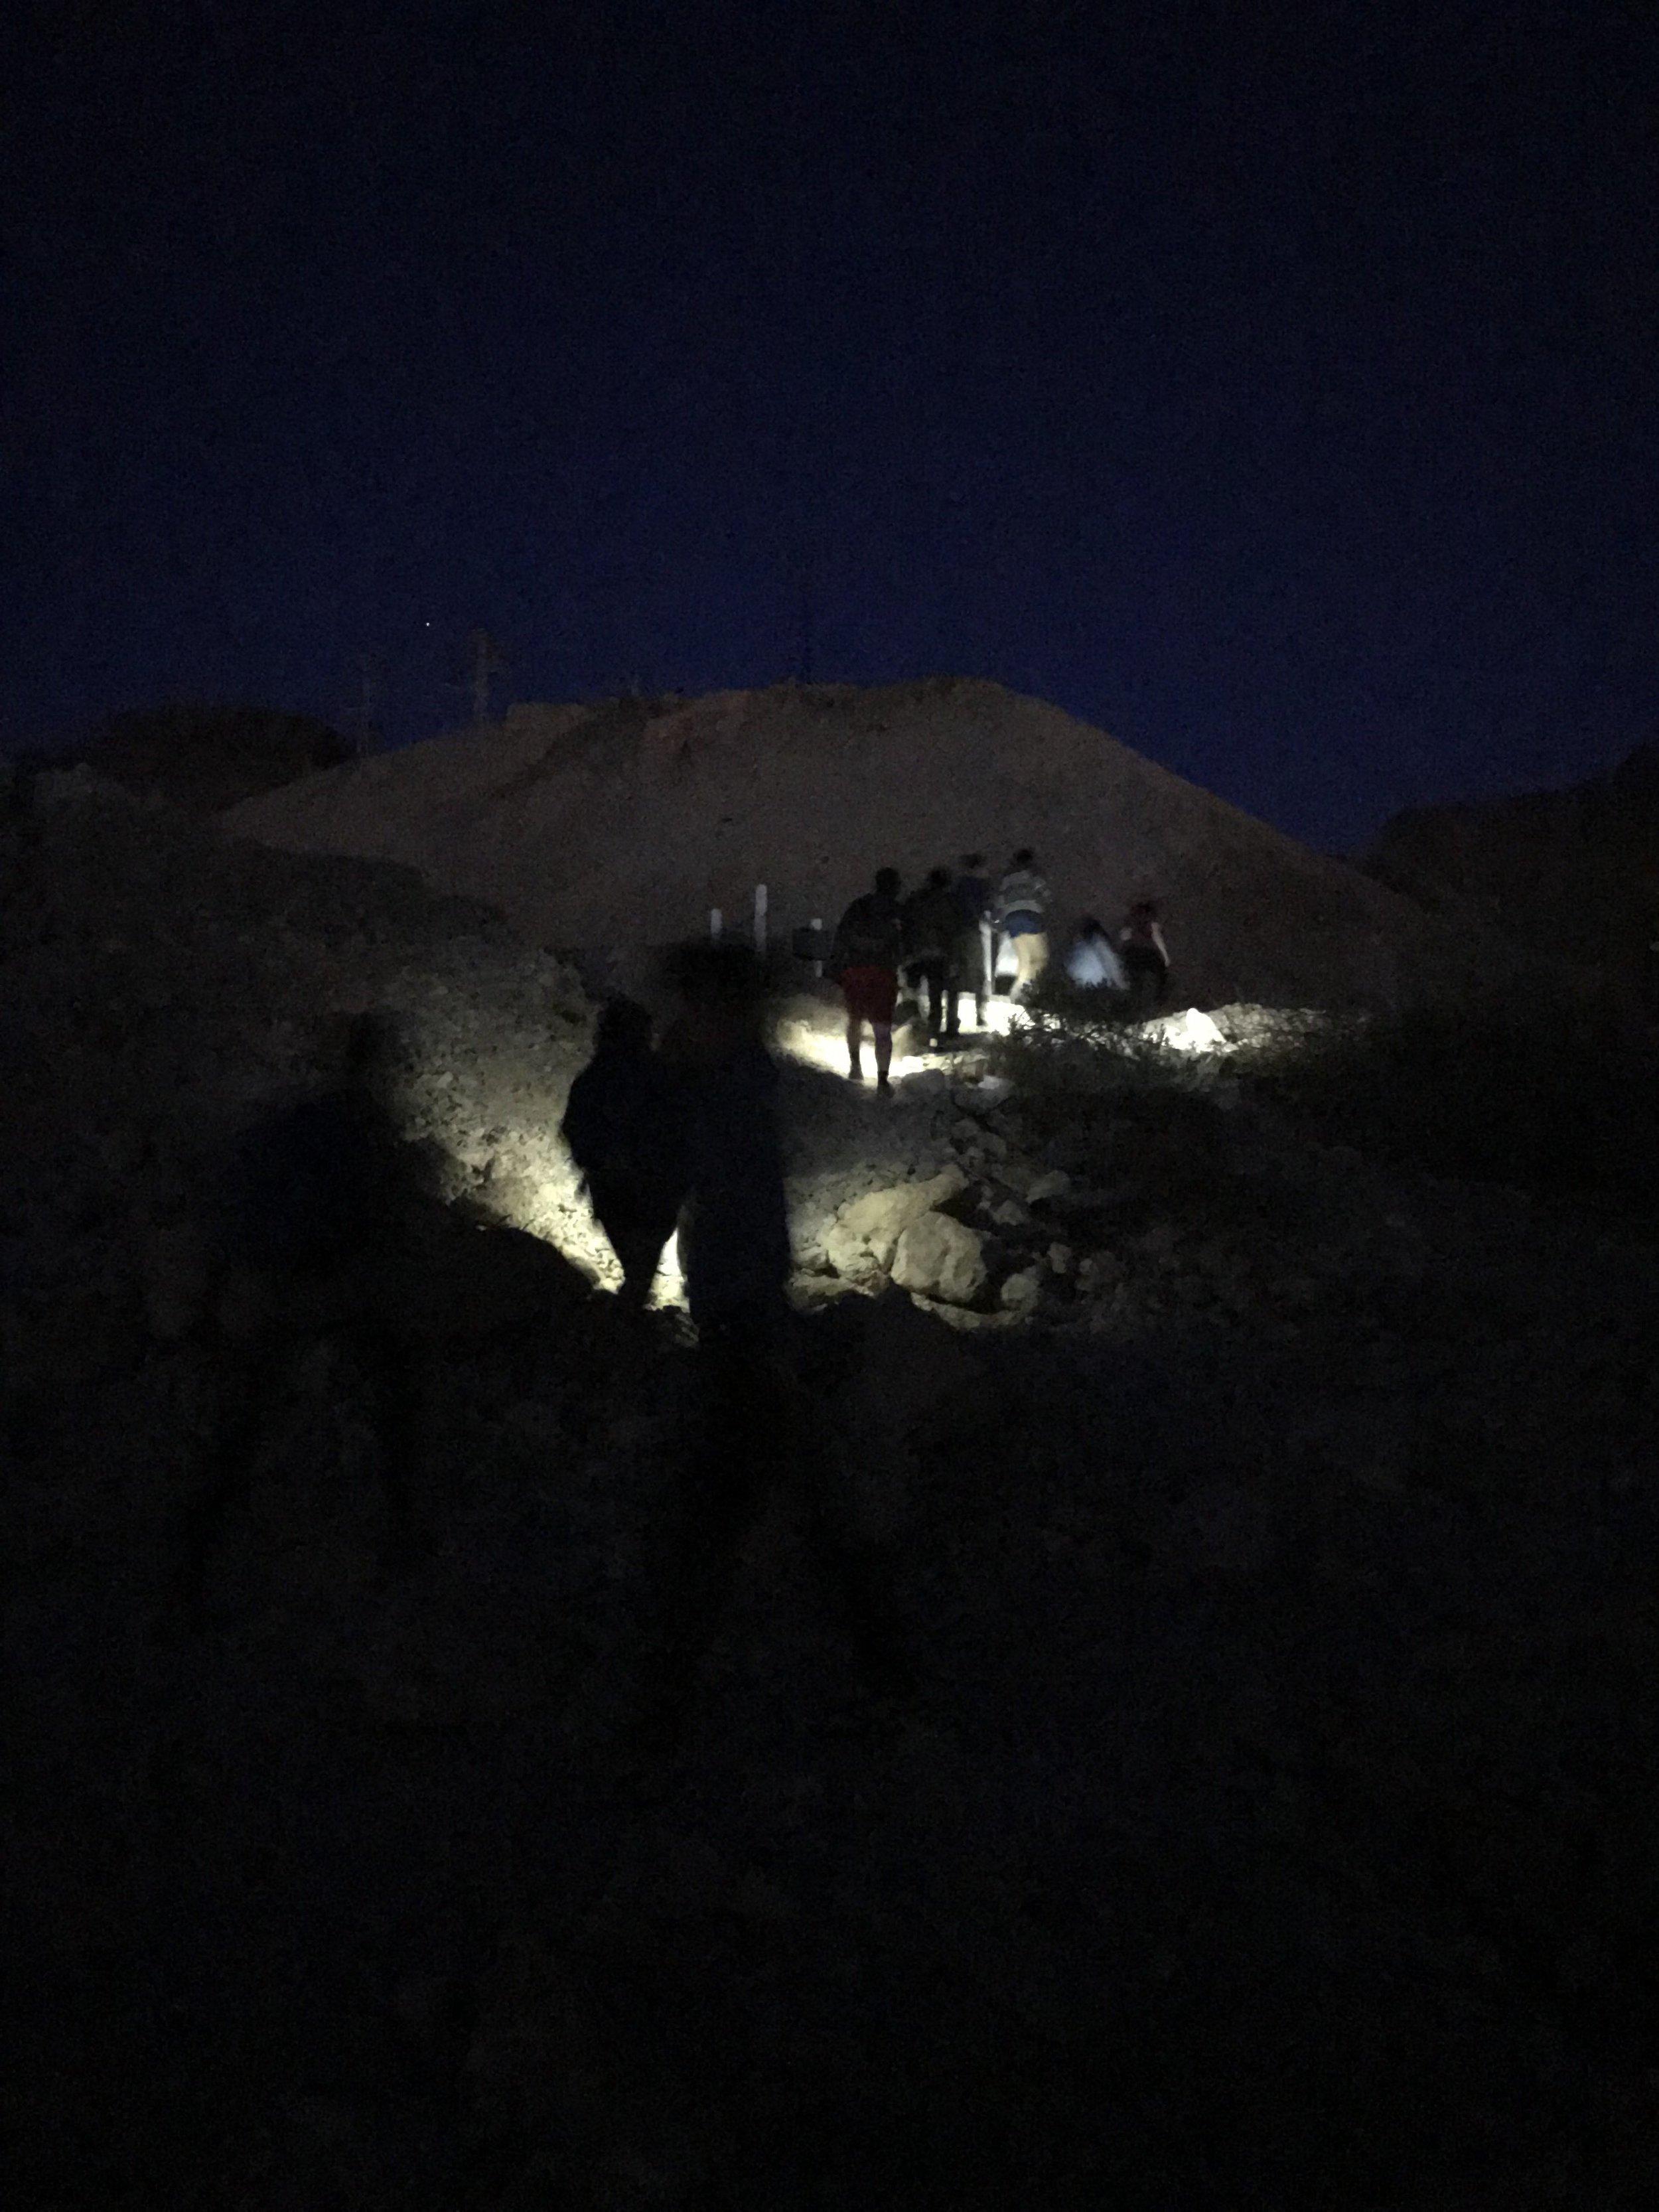 IMG_0874 lower quality hiking 1.jpg